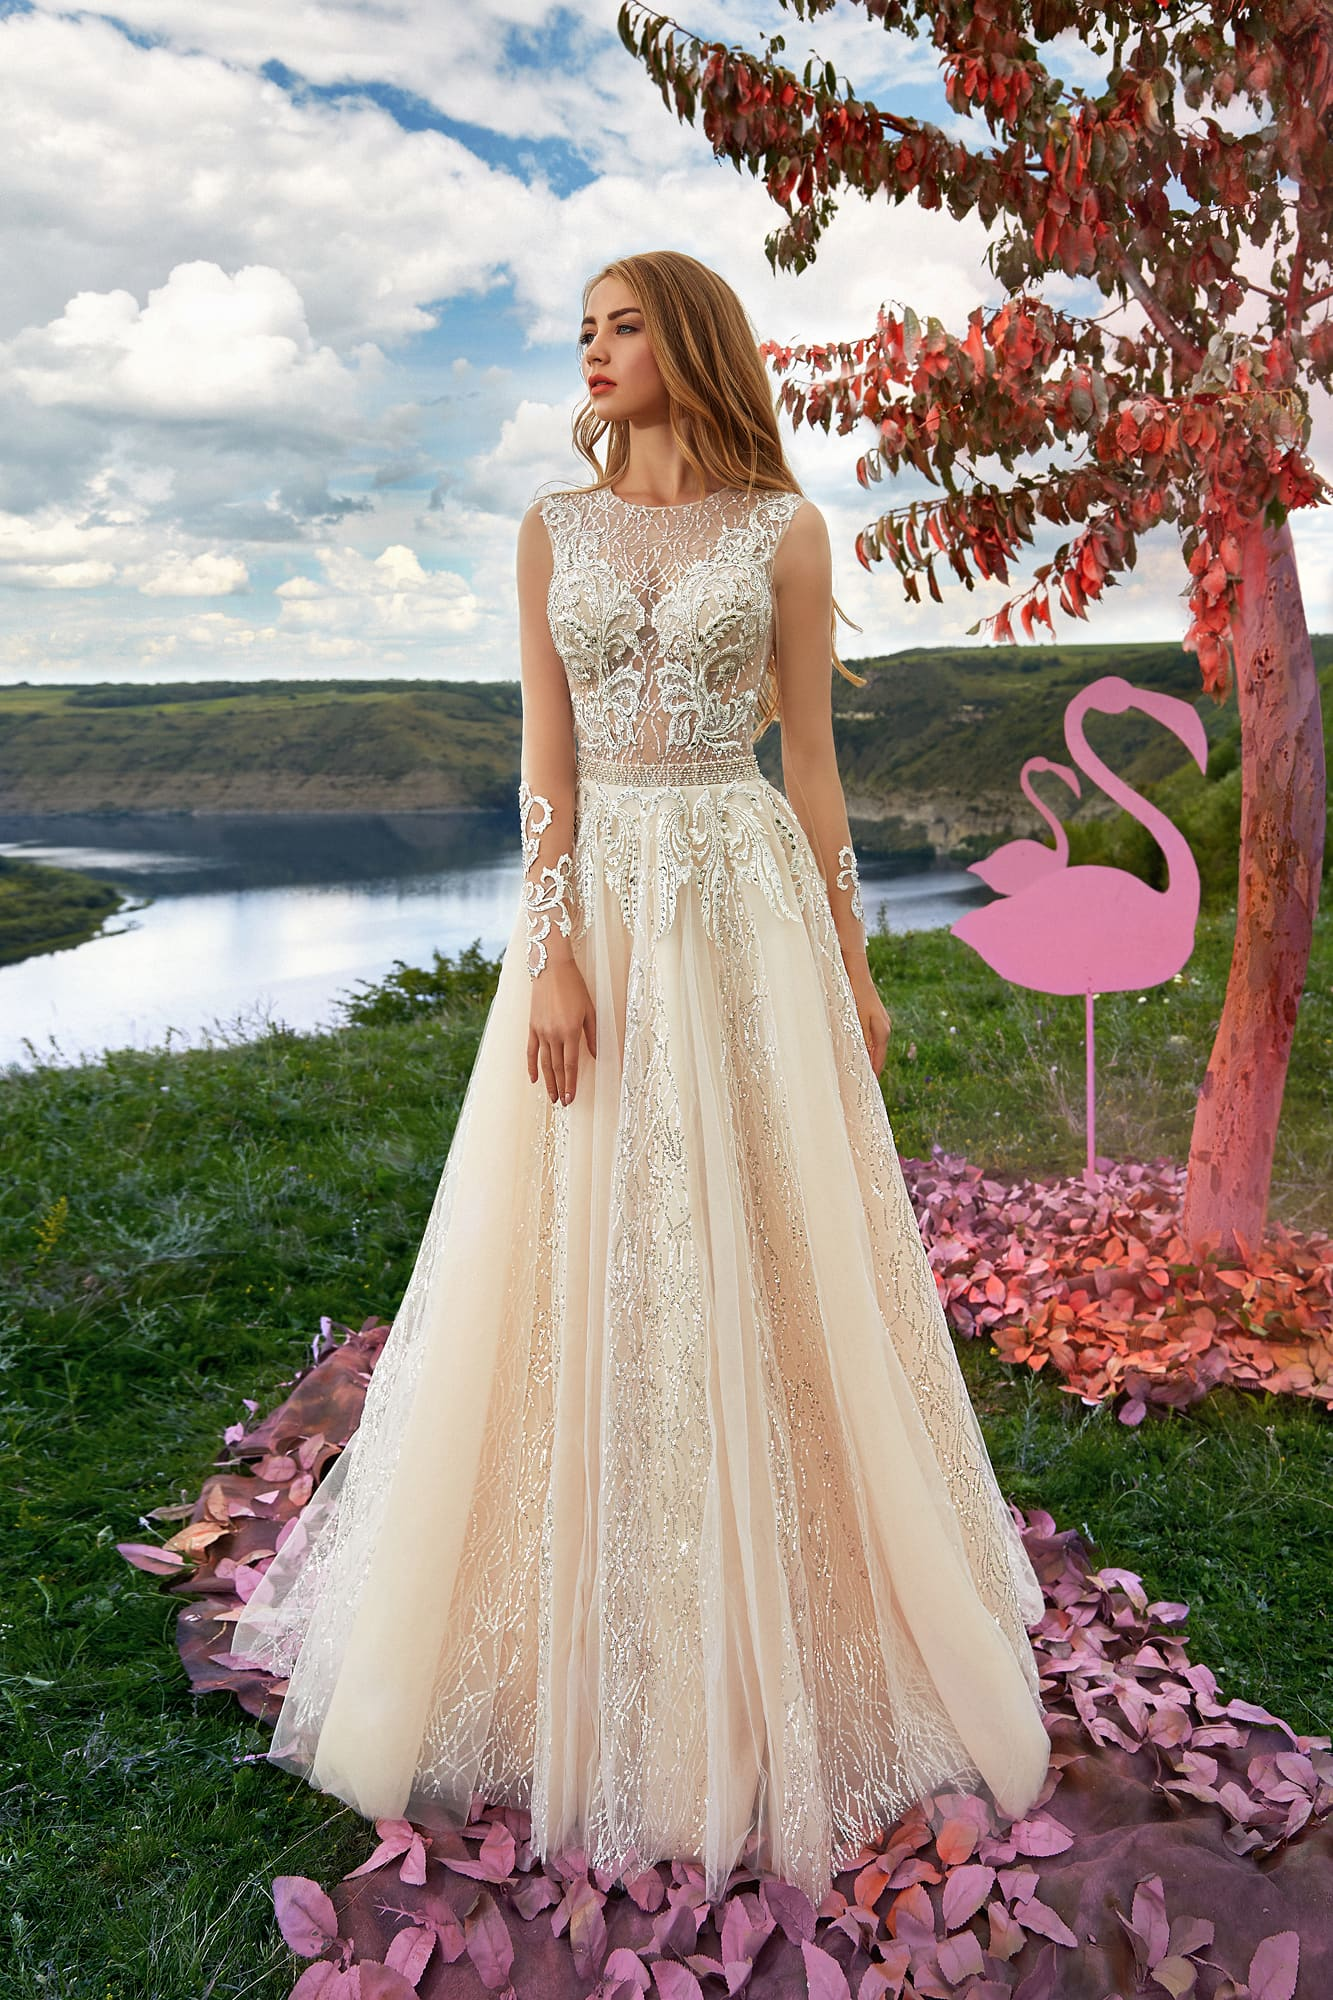 Свадебное платье со сложным декором